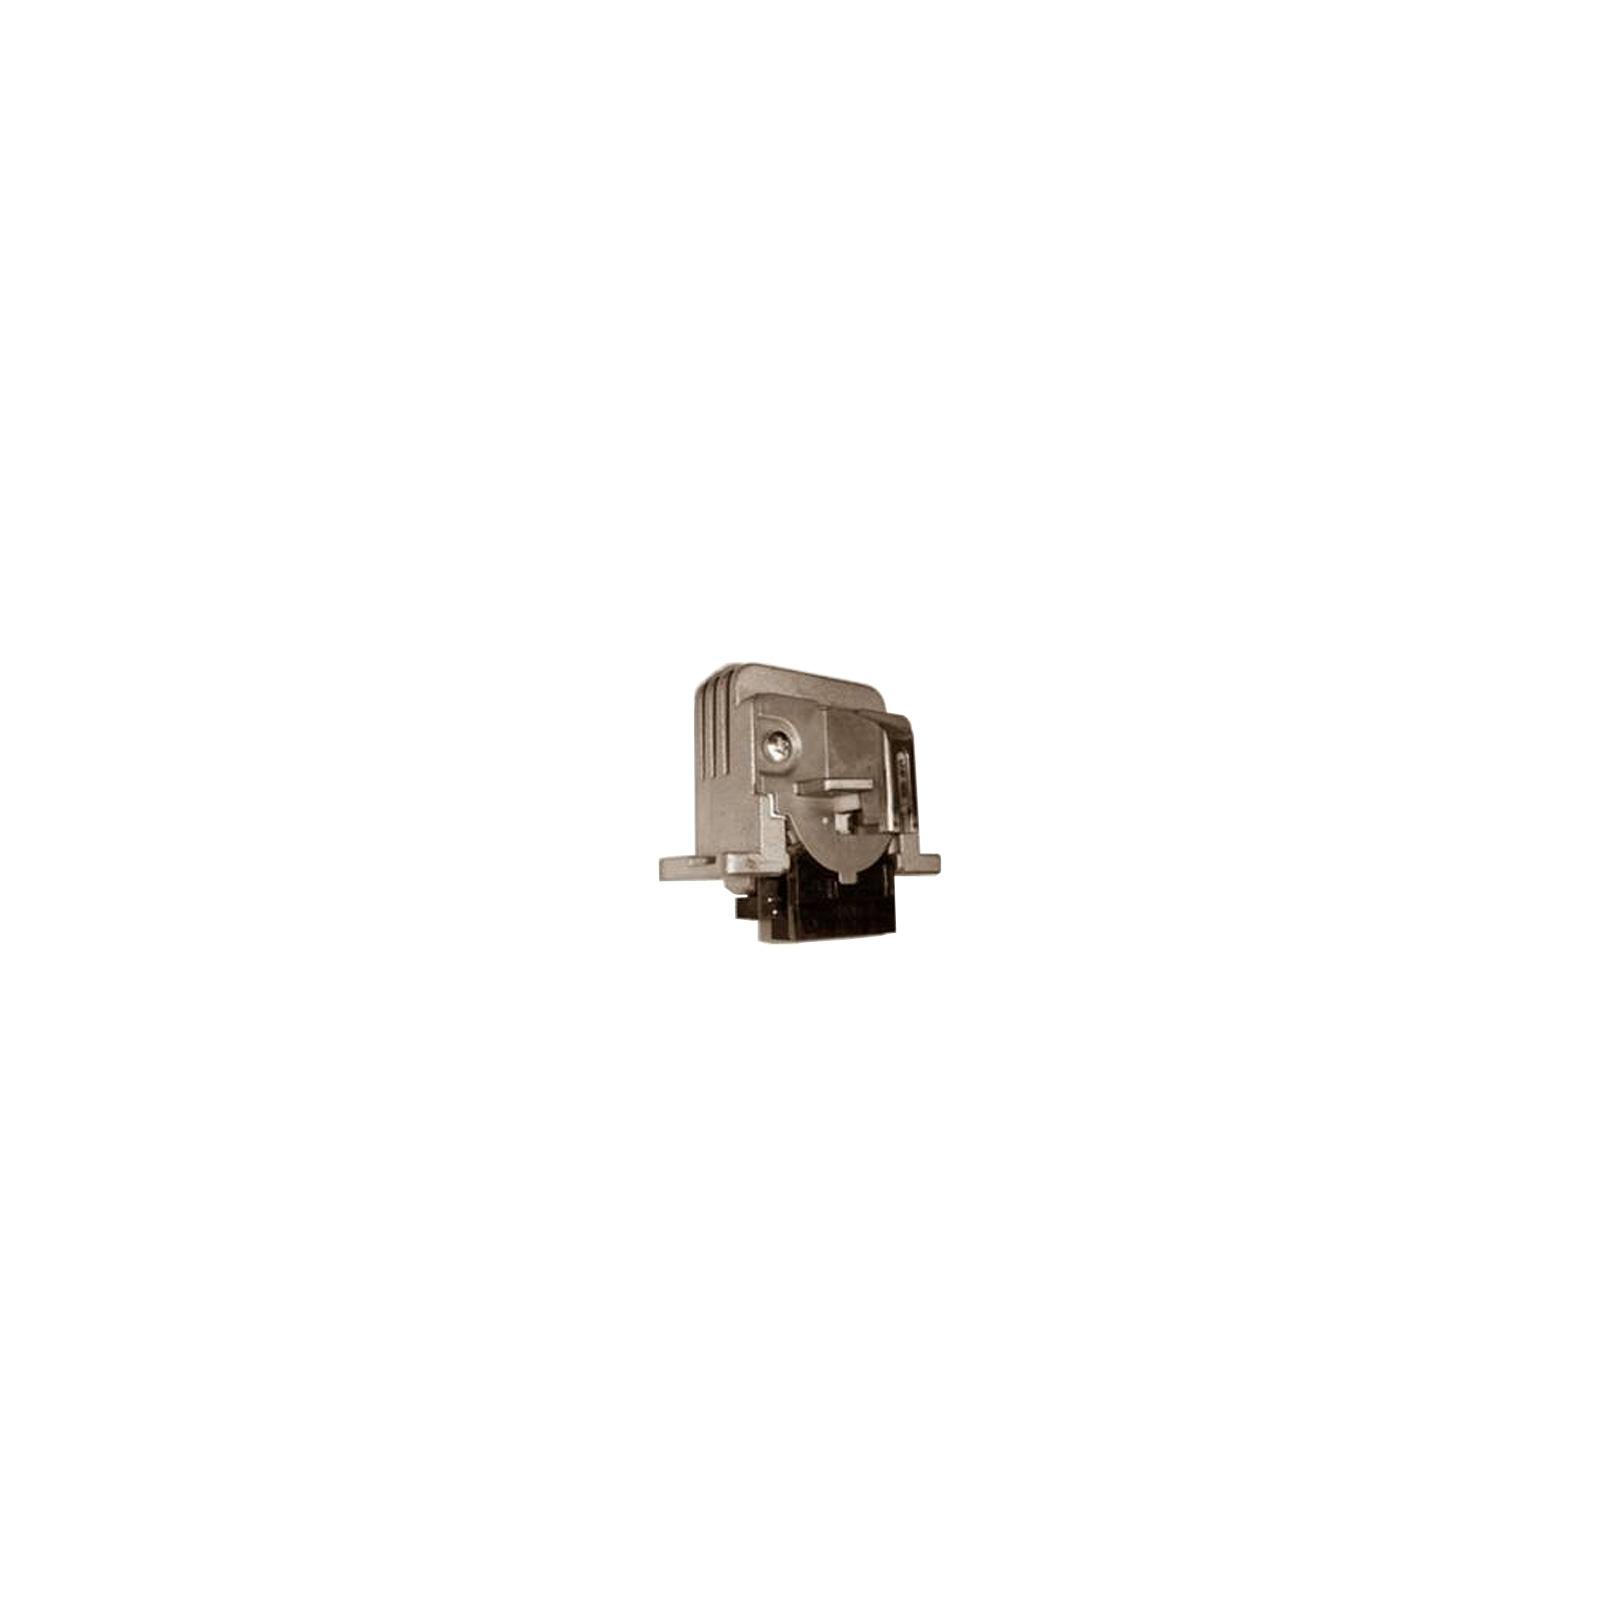 Печатающая головка EPSON FX890/2190 (1267348/1275824) изображение 3